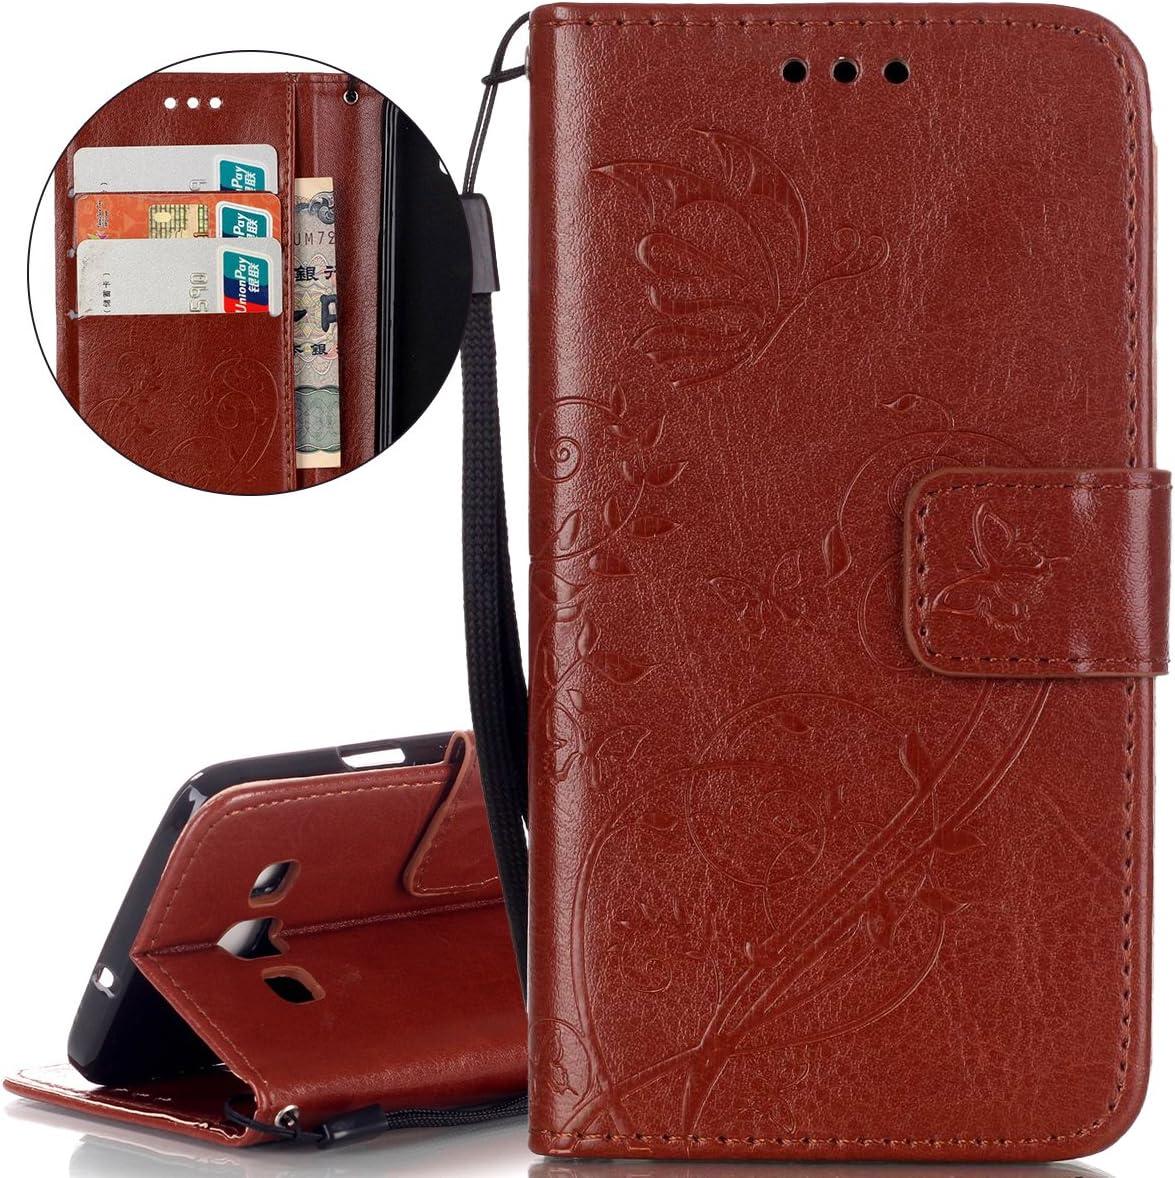 ISAKEN Cover Compatibile con Samsung Galaxy A3 2015 Custodia in Pelle PU Libro Portafoglio Cover Wallet Flip Caso con Strap//Supporto di Stand//Carte Slot//Chiusura Magnetica Occhi